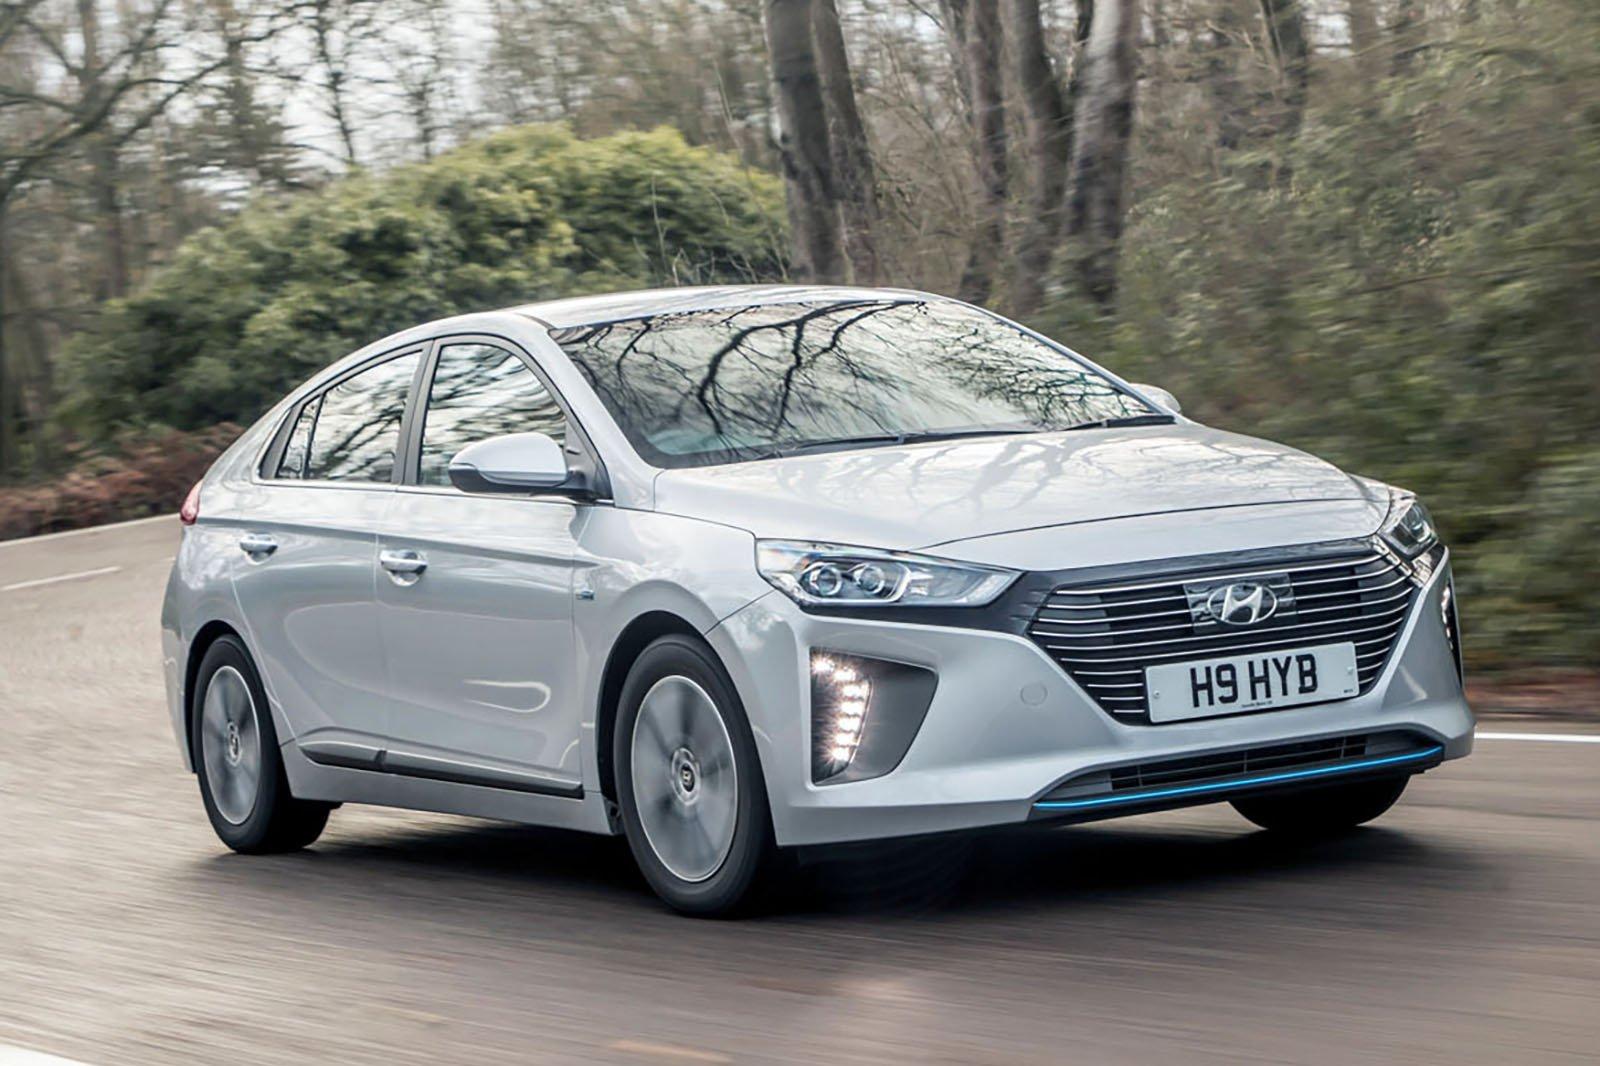 Hyundai Ioniq 2018 front right tracking shot